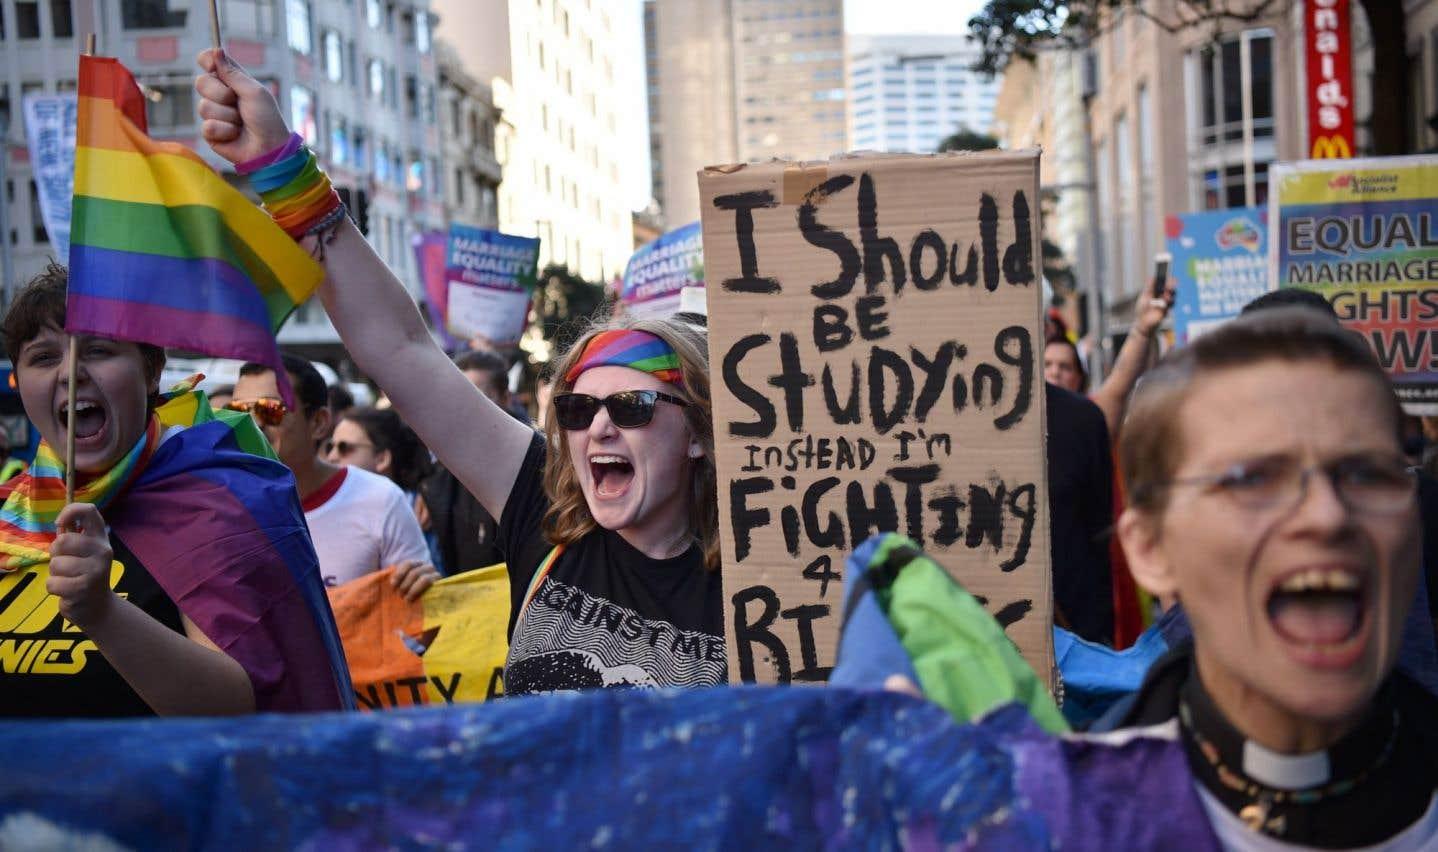 En Australie, des manoeuvres politiques autour du mariage pour tous